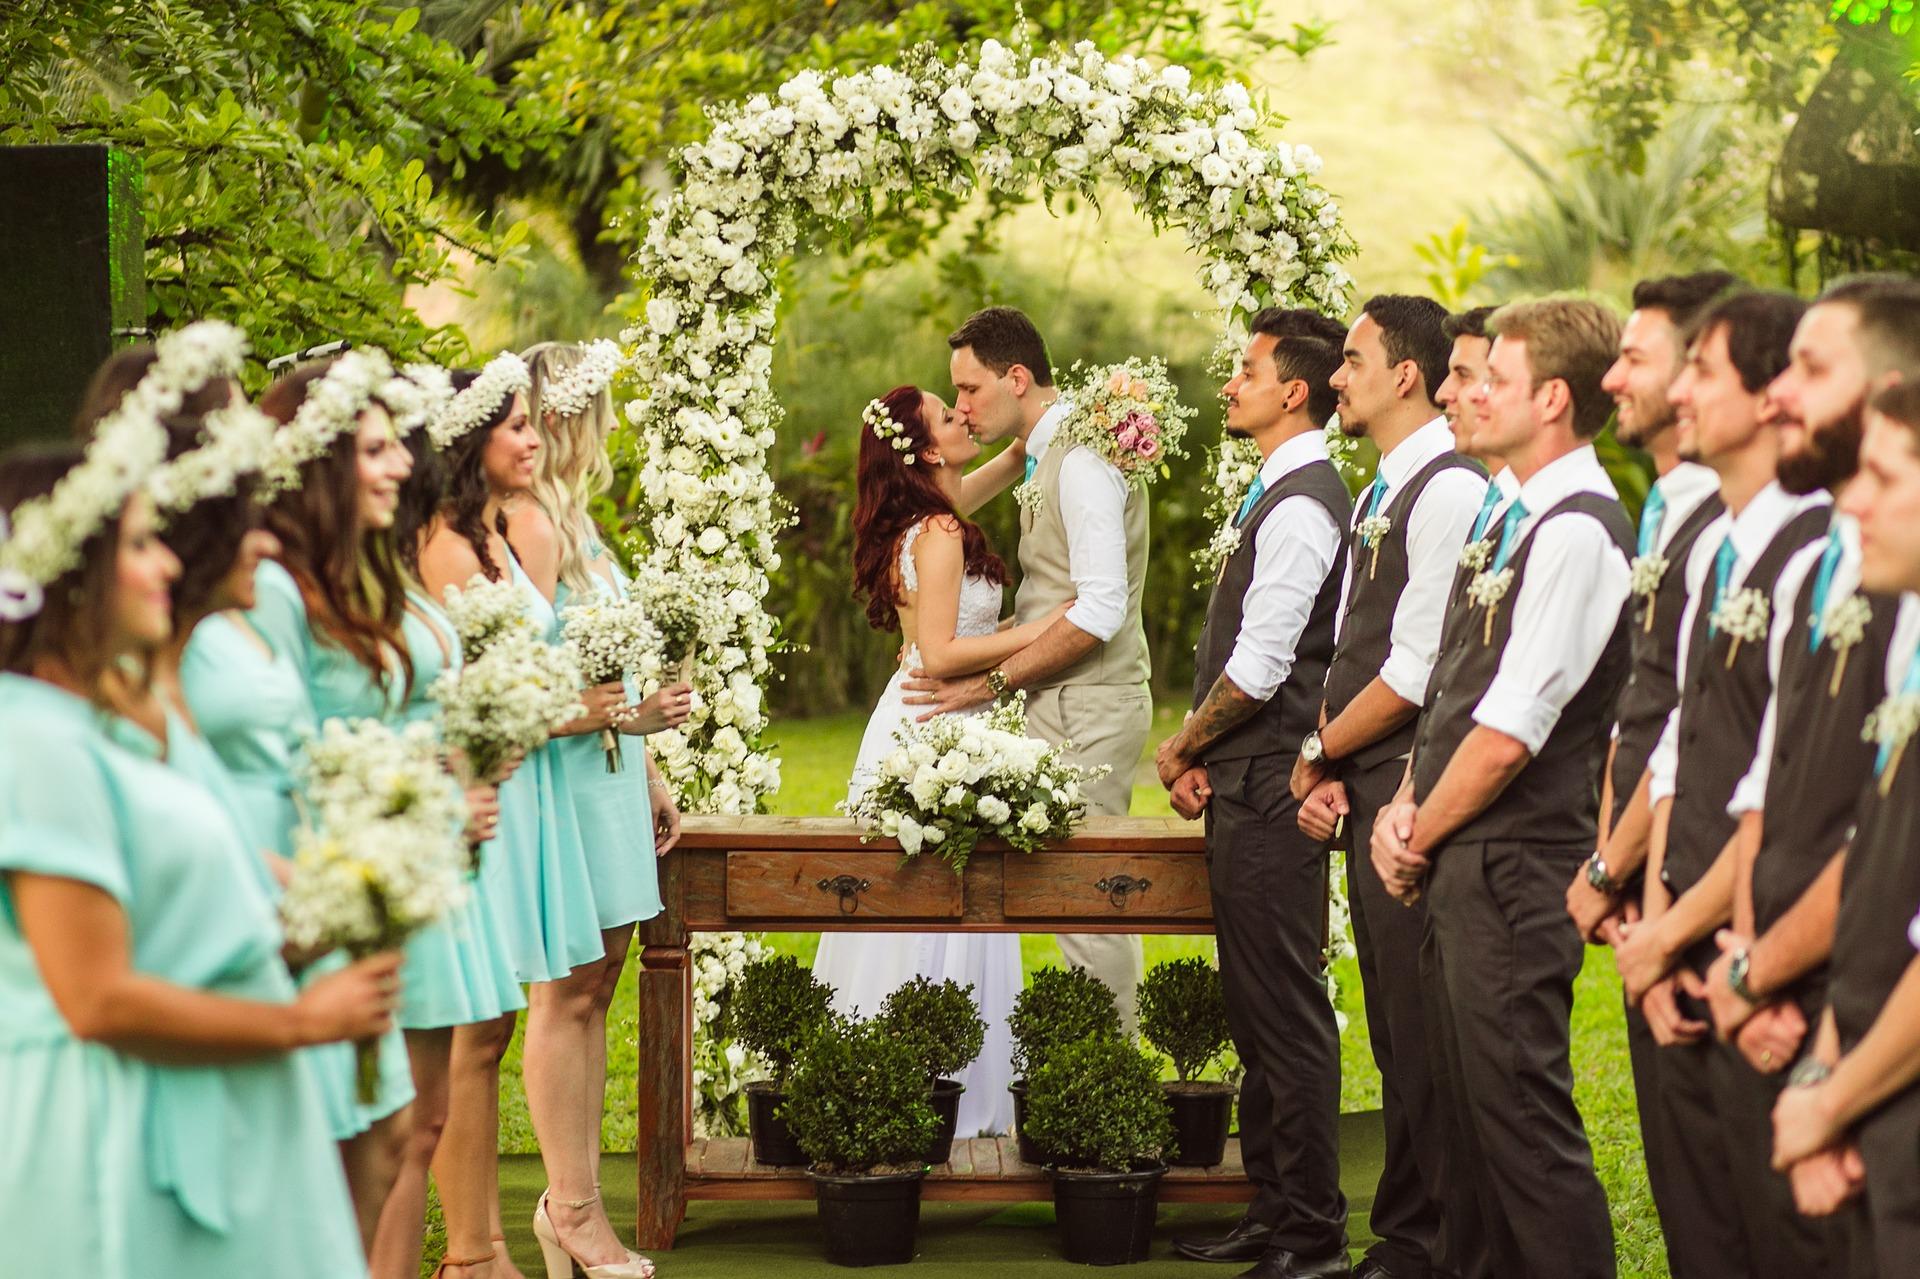 Confira neste artigo os critérios para escolher os padrinhos de casamento!